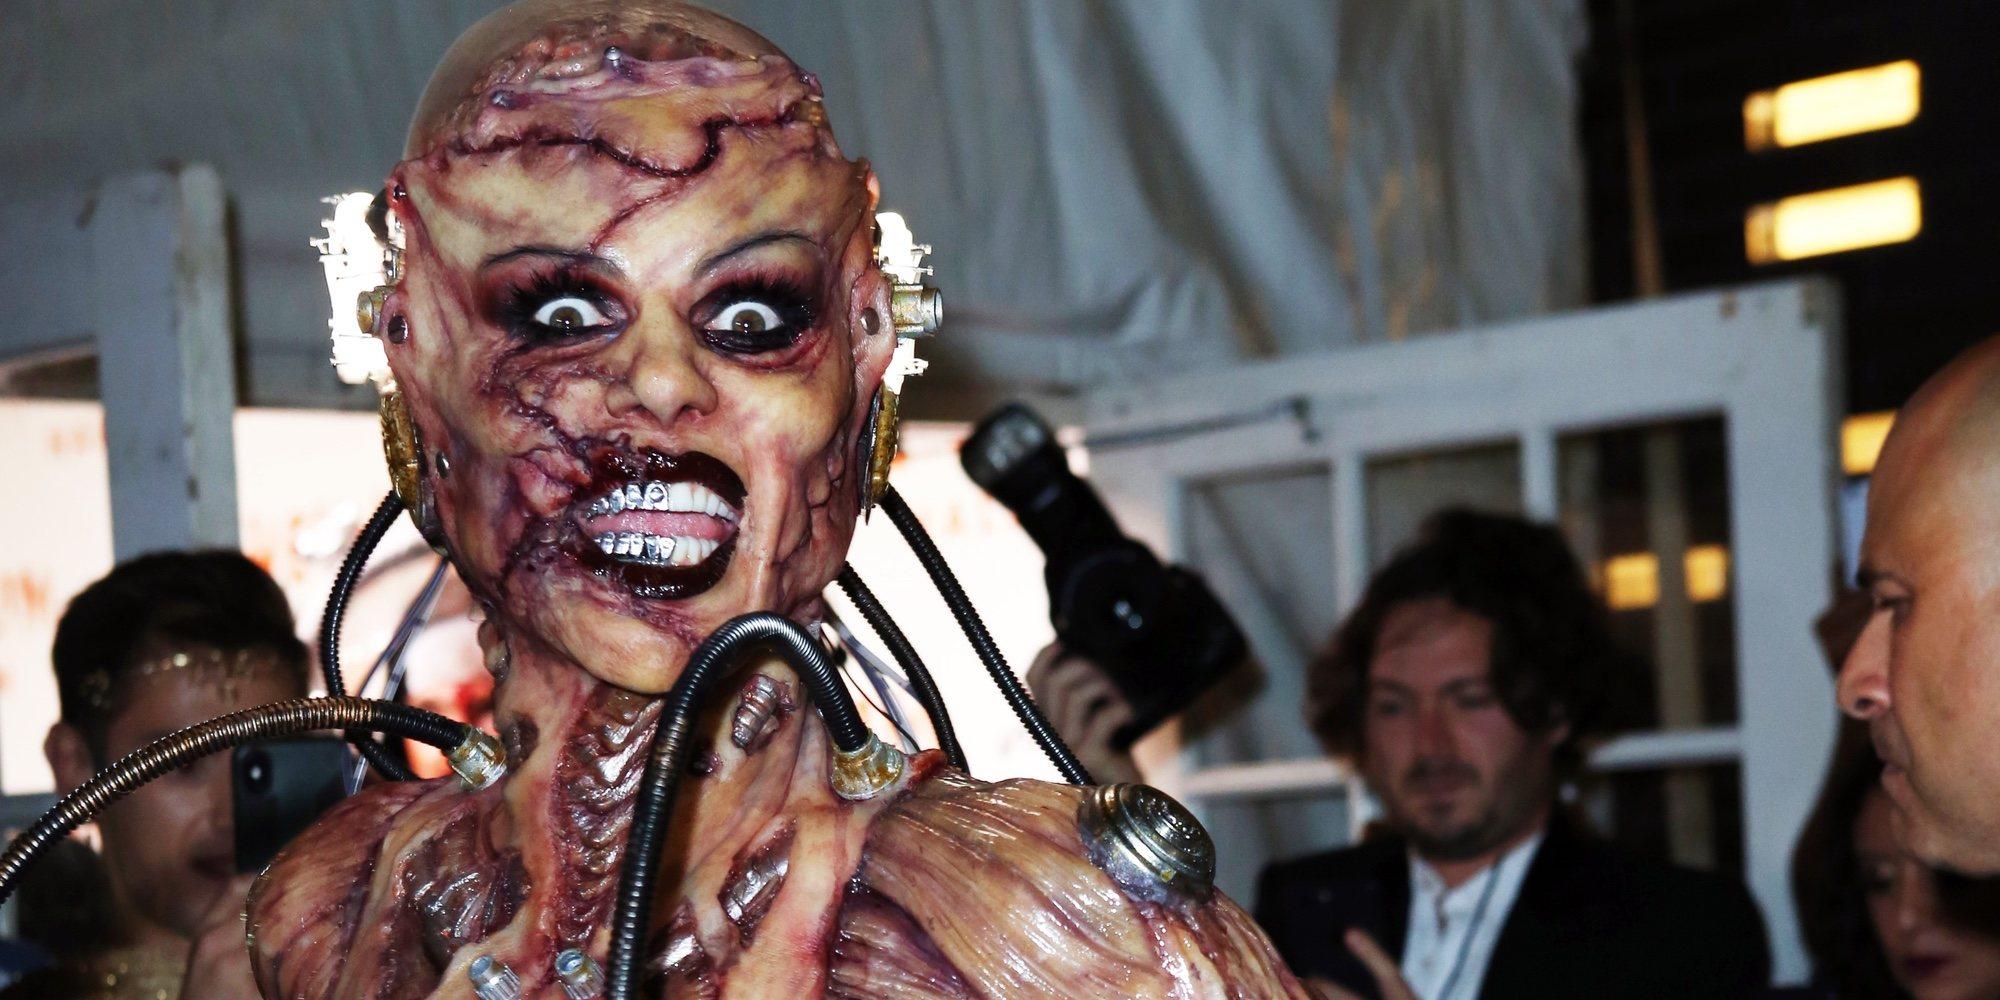 Heidi Klum apuesta por un espeluznante disfraz de alienígena para Halloween 2019